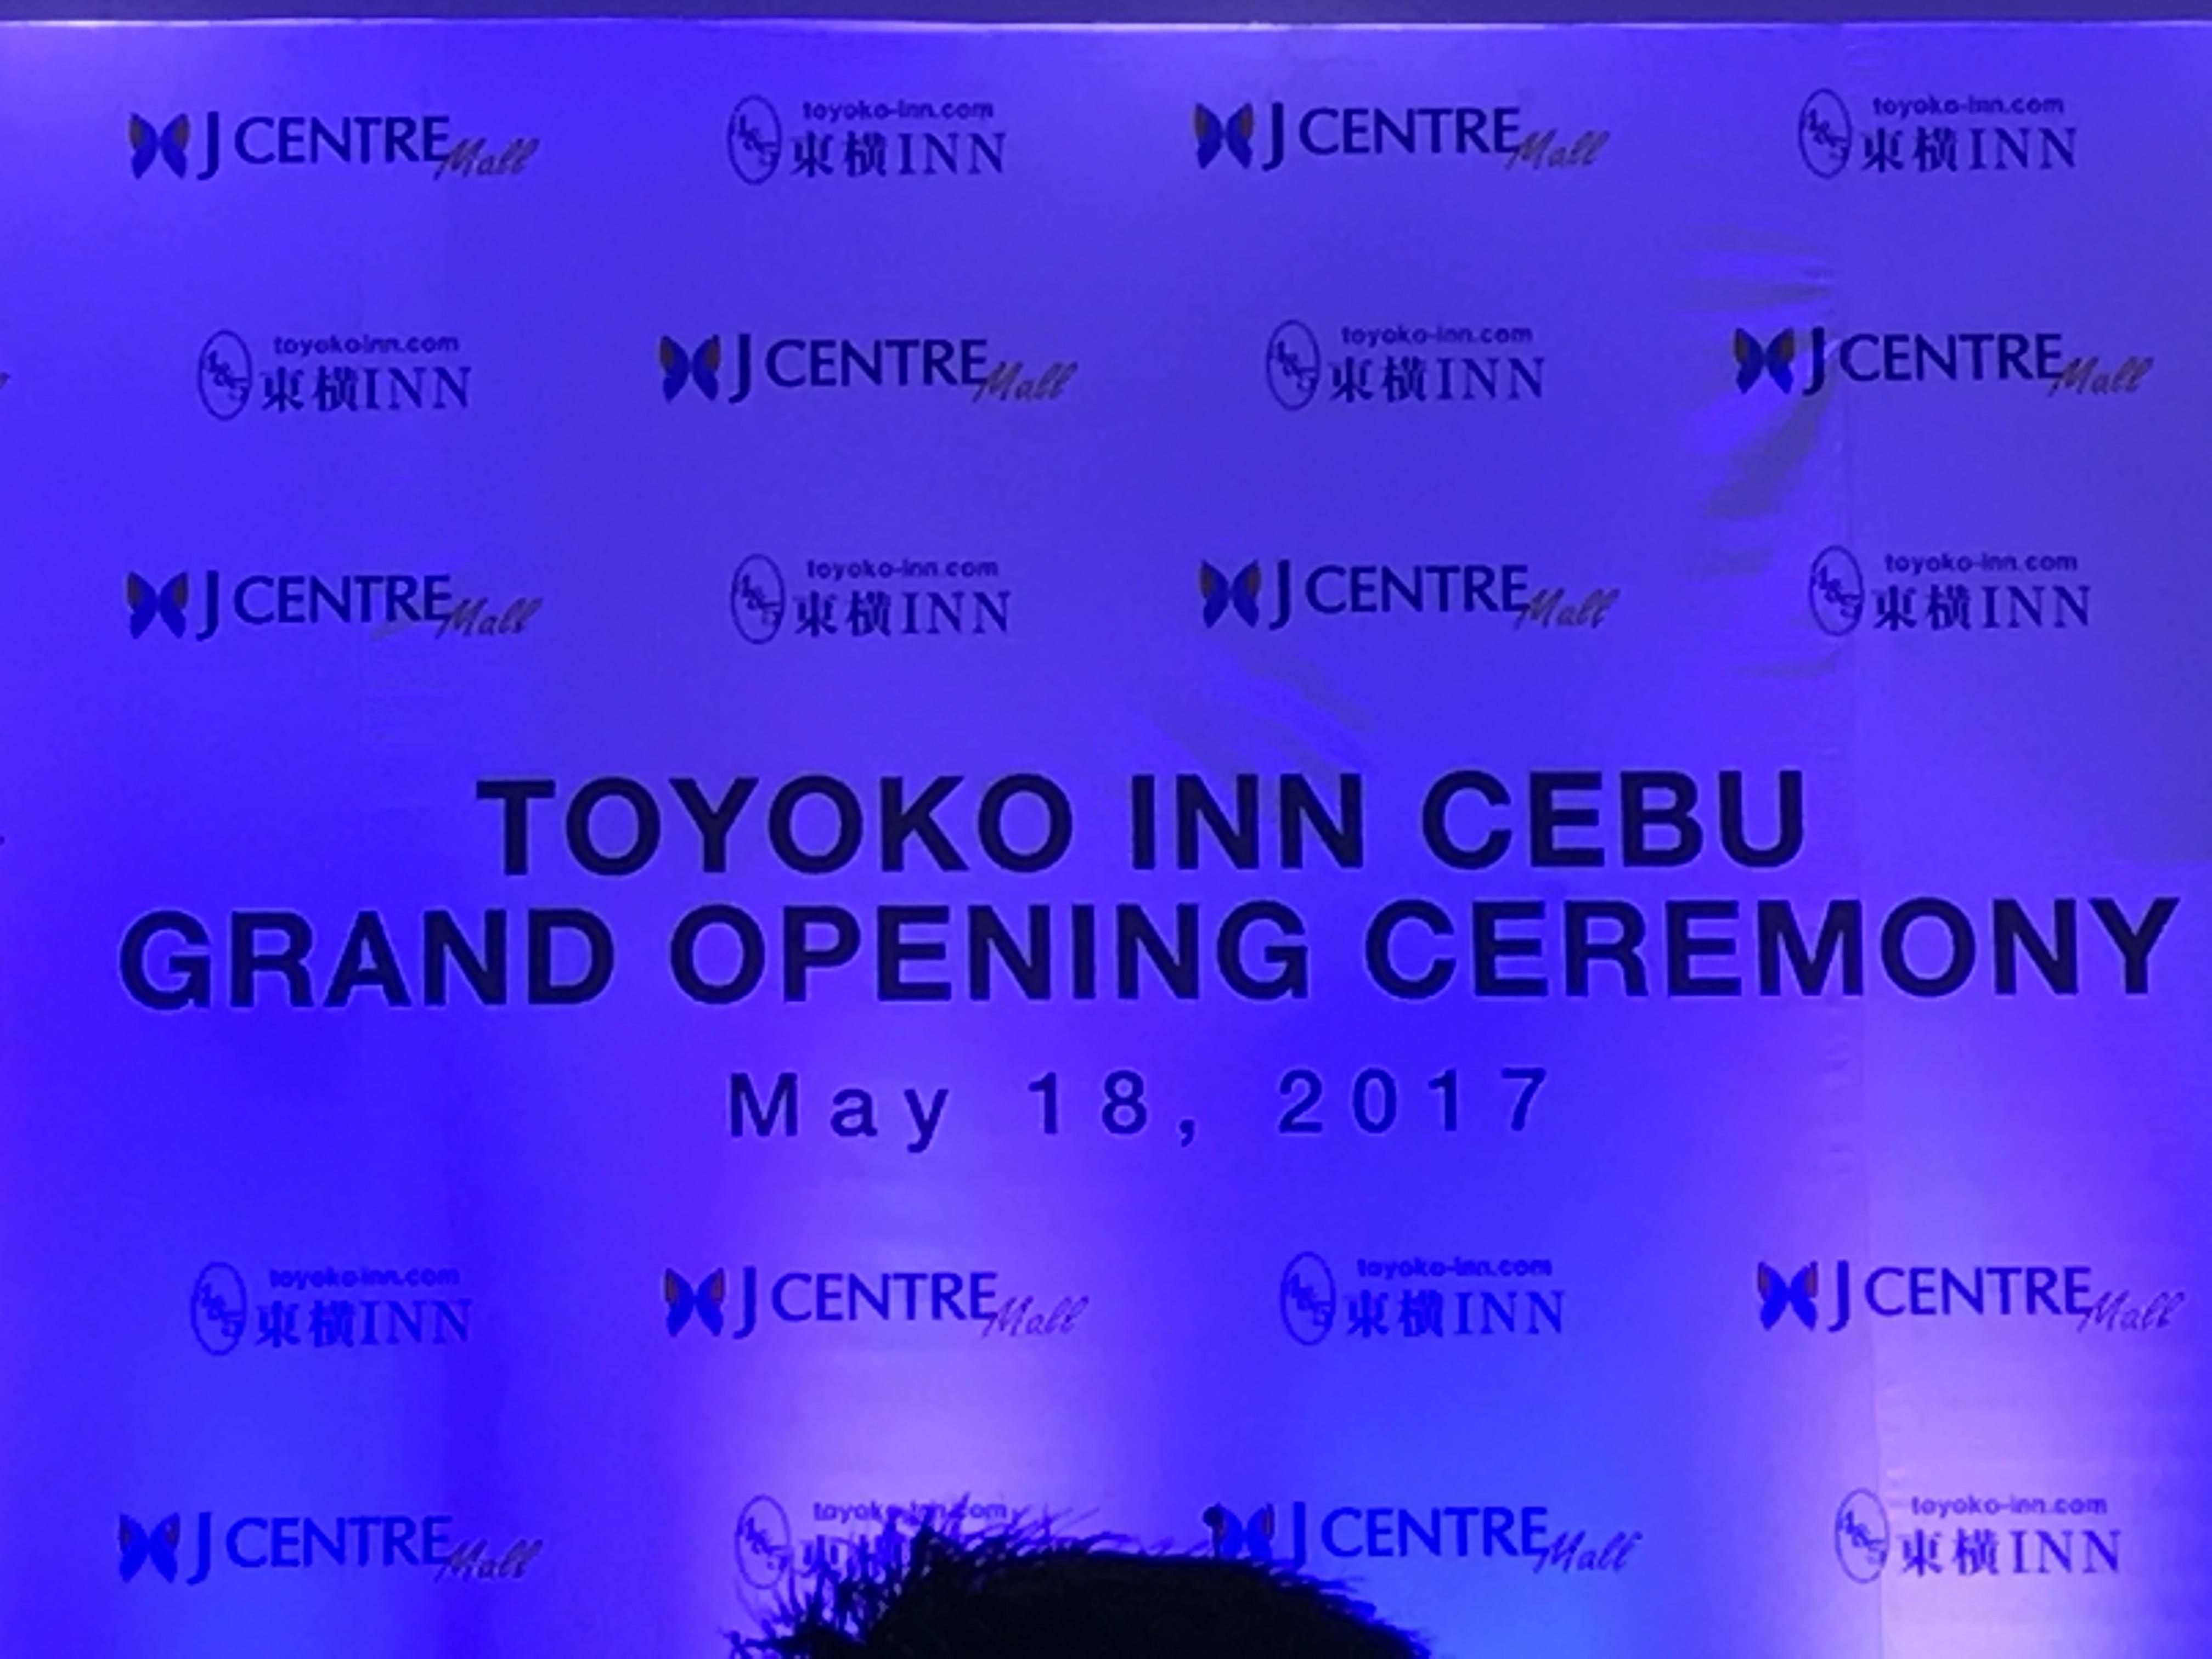 フィリピン海外移住ビザのジャパン支援センター